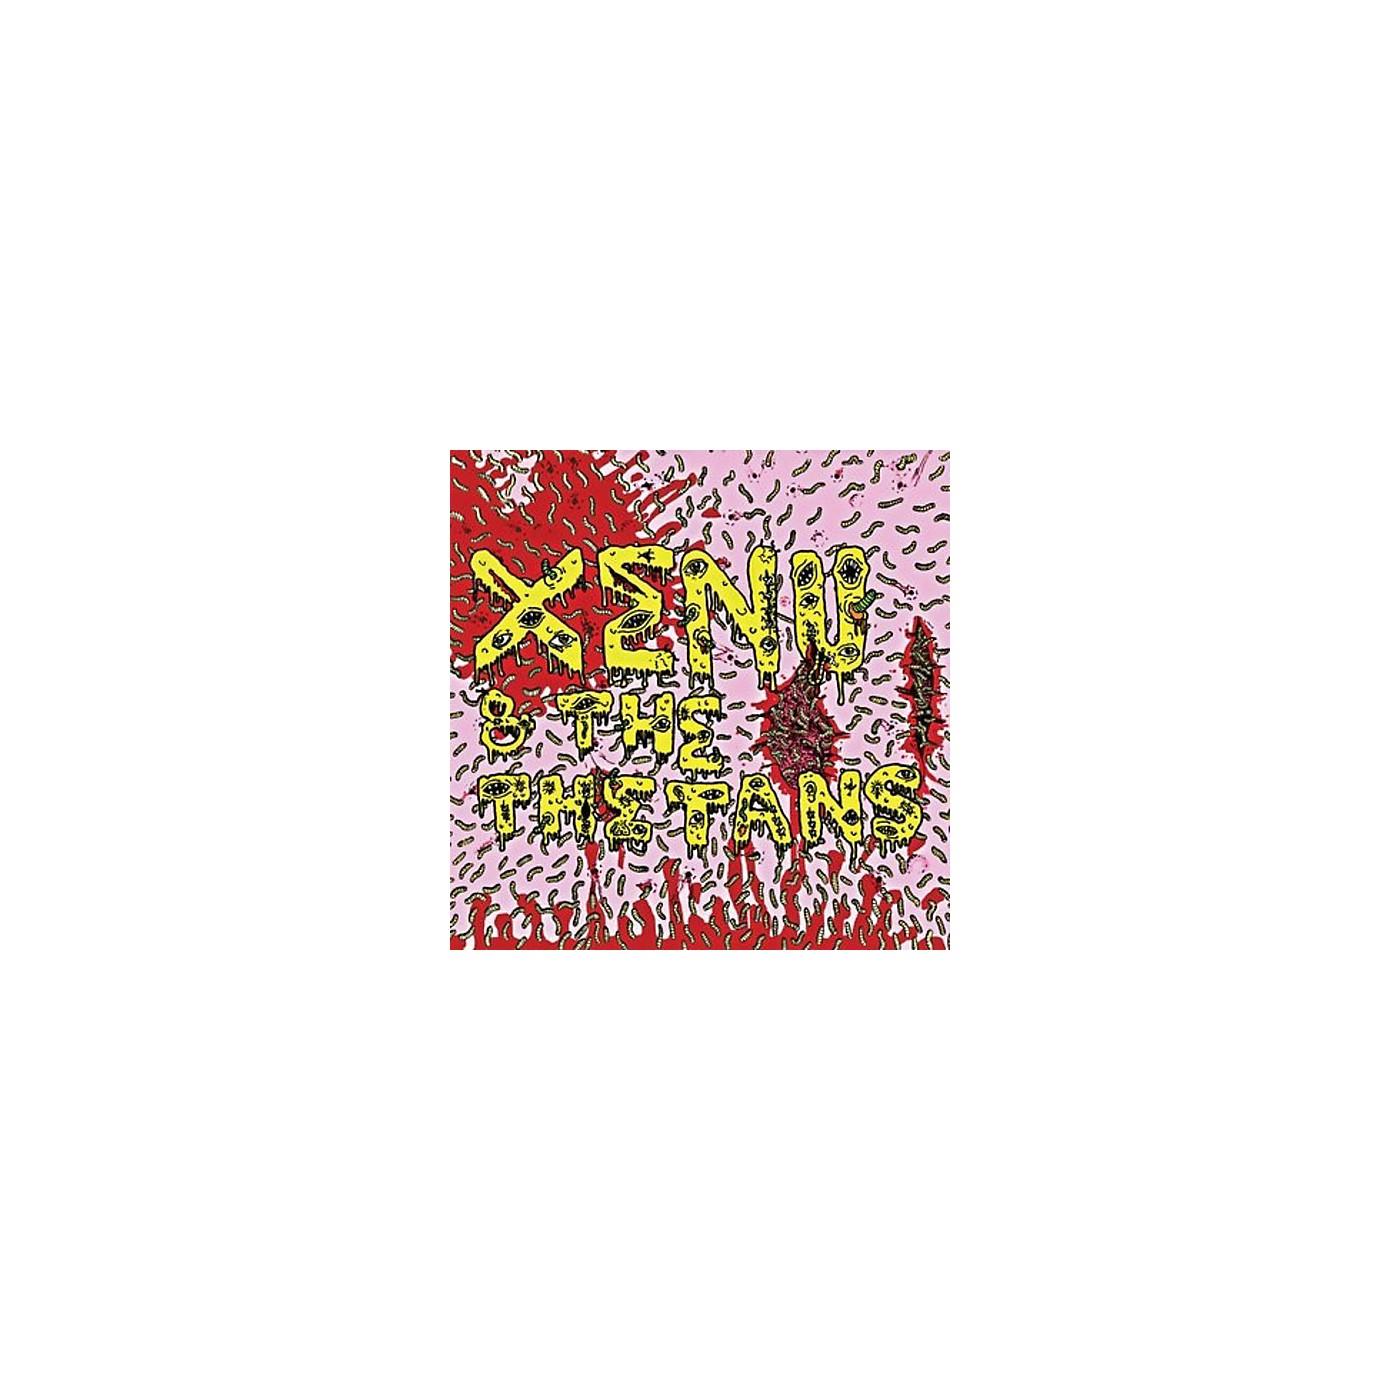 Alliance Xenu & The Thetans - Xenu & The Thetans thumbnail